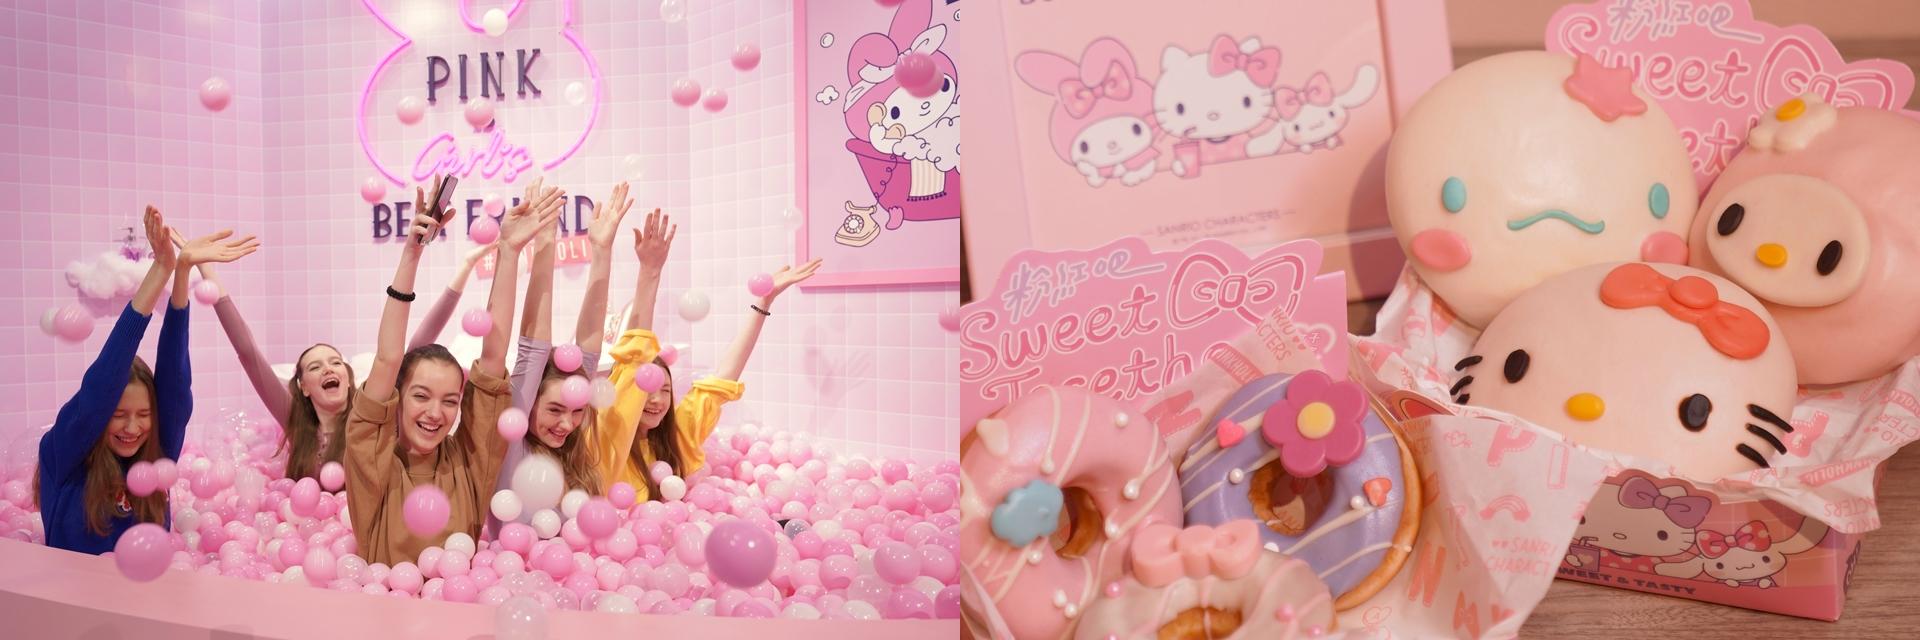 粉紅控請控制你激動的心!整間粉紅色的夢幻泡泡樂園限定登場!